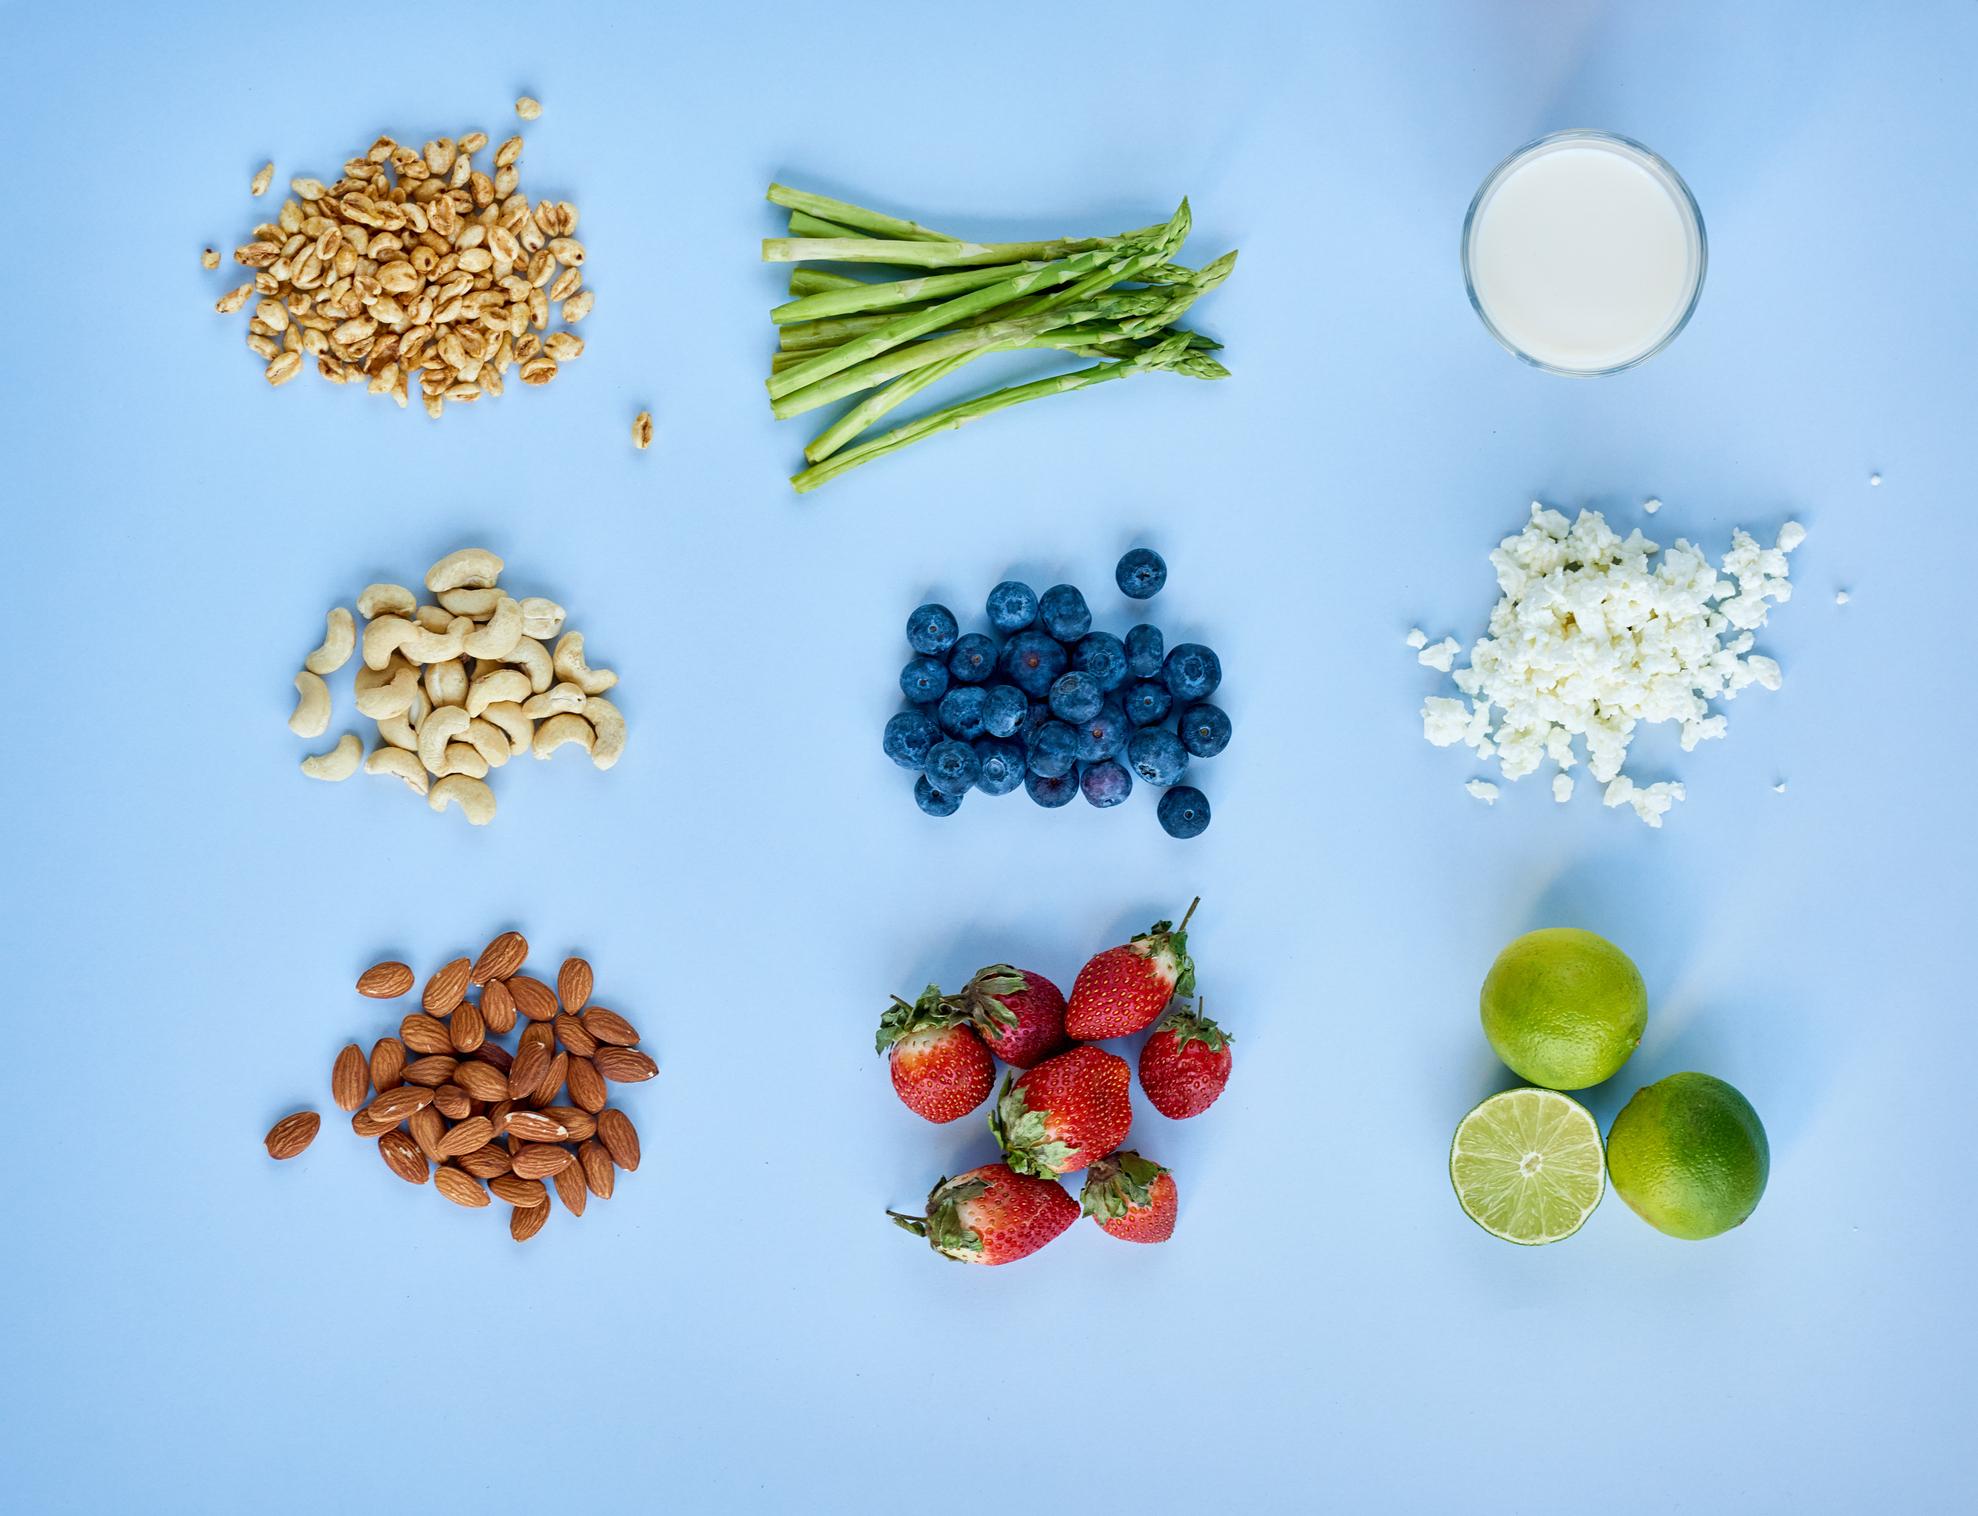 Nine handfuls with healthy food